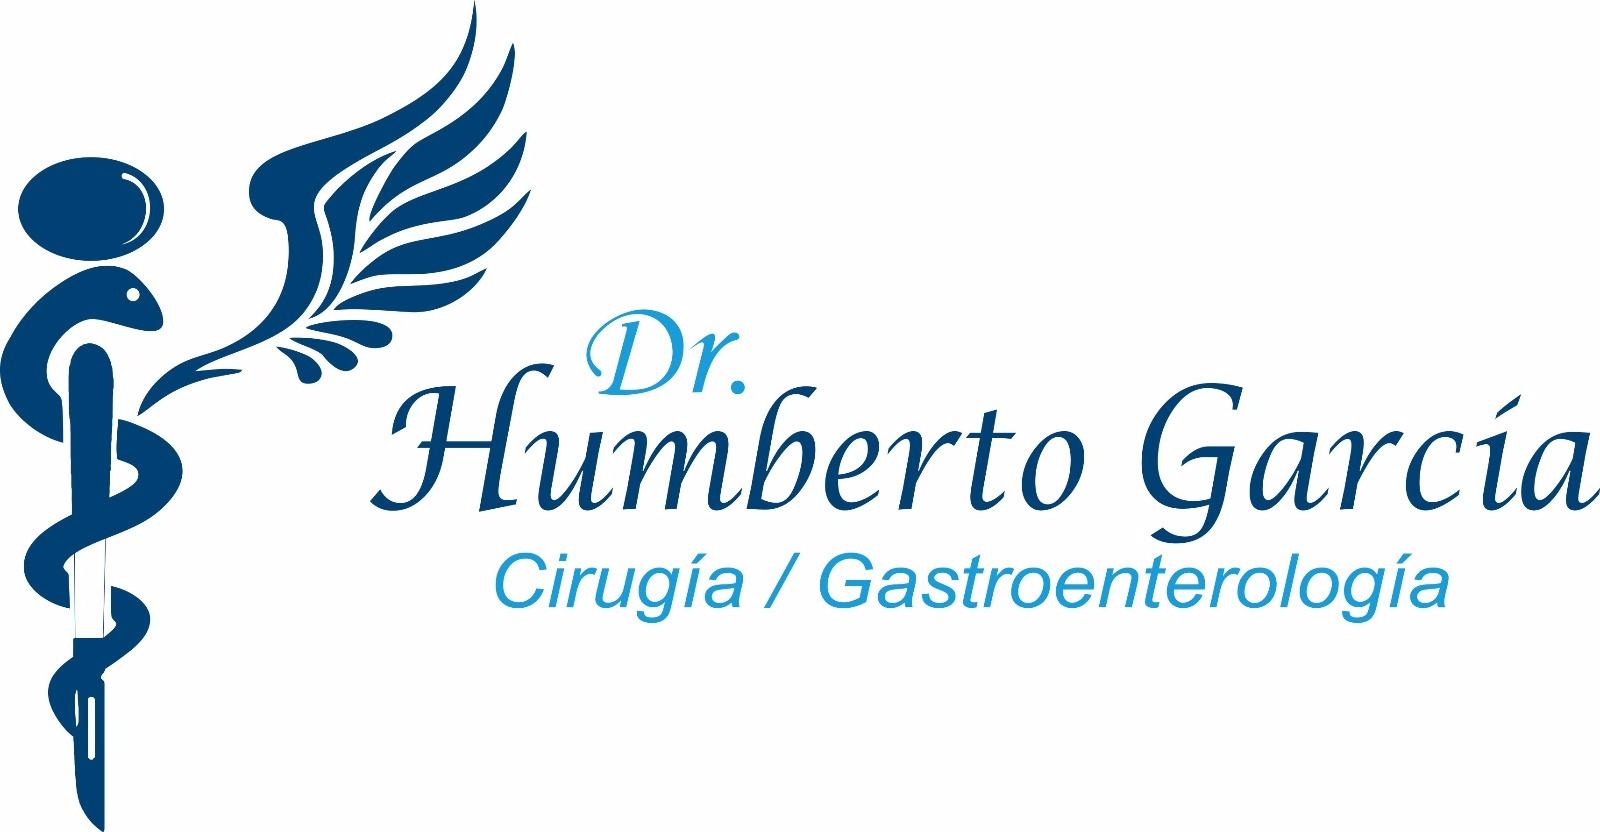 Surgery Logos